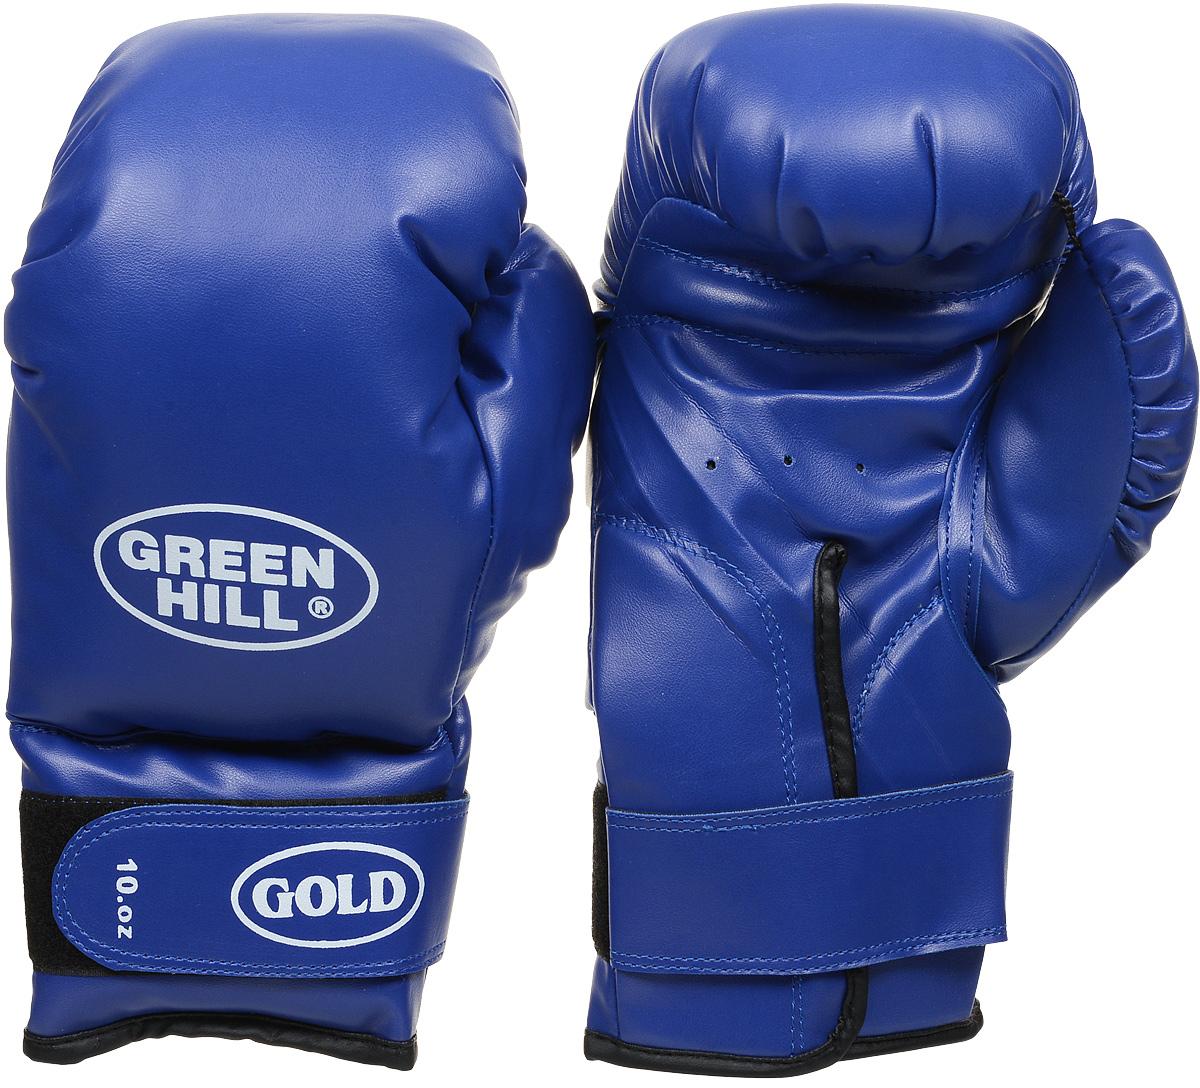 Перчатки боксерские Green Hill Gold, цвет: синий. Вес 10 унцийadiBT01Боксерские тренировочные перчатки Green Hill Gold отлично подойдут для начинающих спортсменов. Верх выполнен из искусственной кожи. Мягкий наполнитель из очеса предотвращает любые травмы. Широкий ремень, охватывая запястье, полностью оборачивается вокруг манжеты, благодаря чему создается дополнительная защита лучезапястного сустава от травмирования. Застежка на липучке способствует быстрому и удобному одеванию перчаток, плотно фиксирует перчатки на руке.